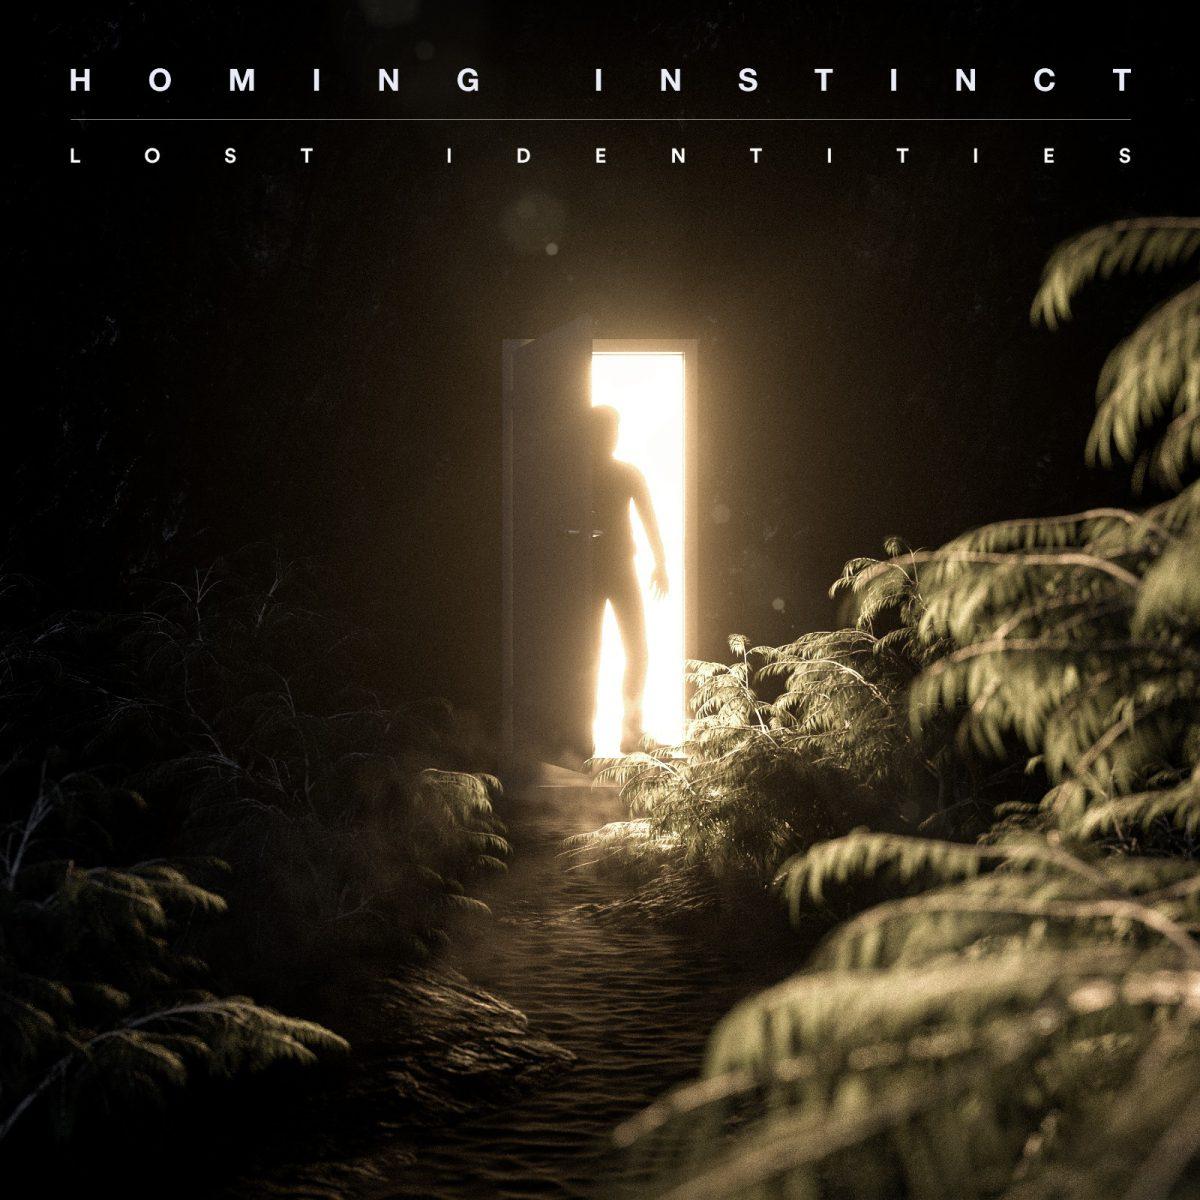 Homing Instinct Cover